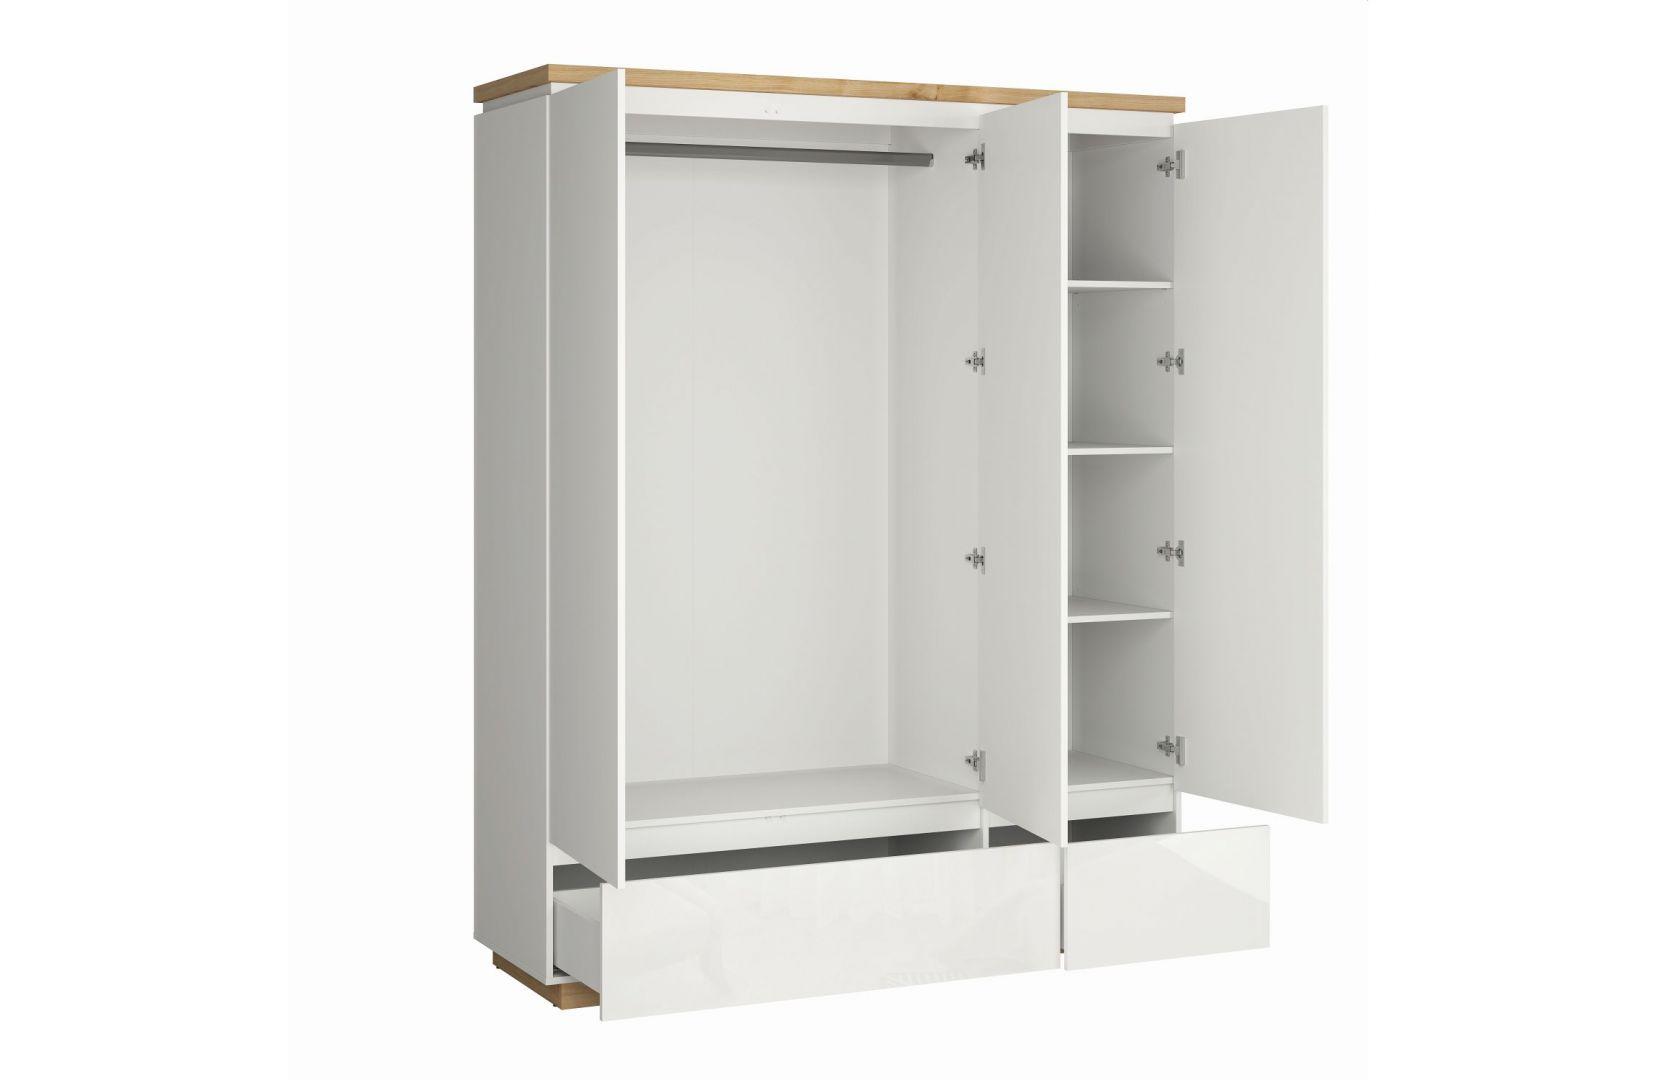 W szafie znajdują się cztery półki, drążek na wieszaki oraz praktyczne szuflady o dwóch różnych pojemnościach. Fot. Black Red White